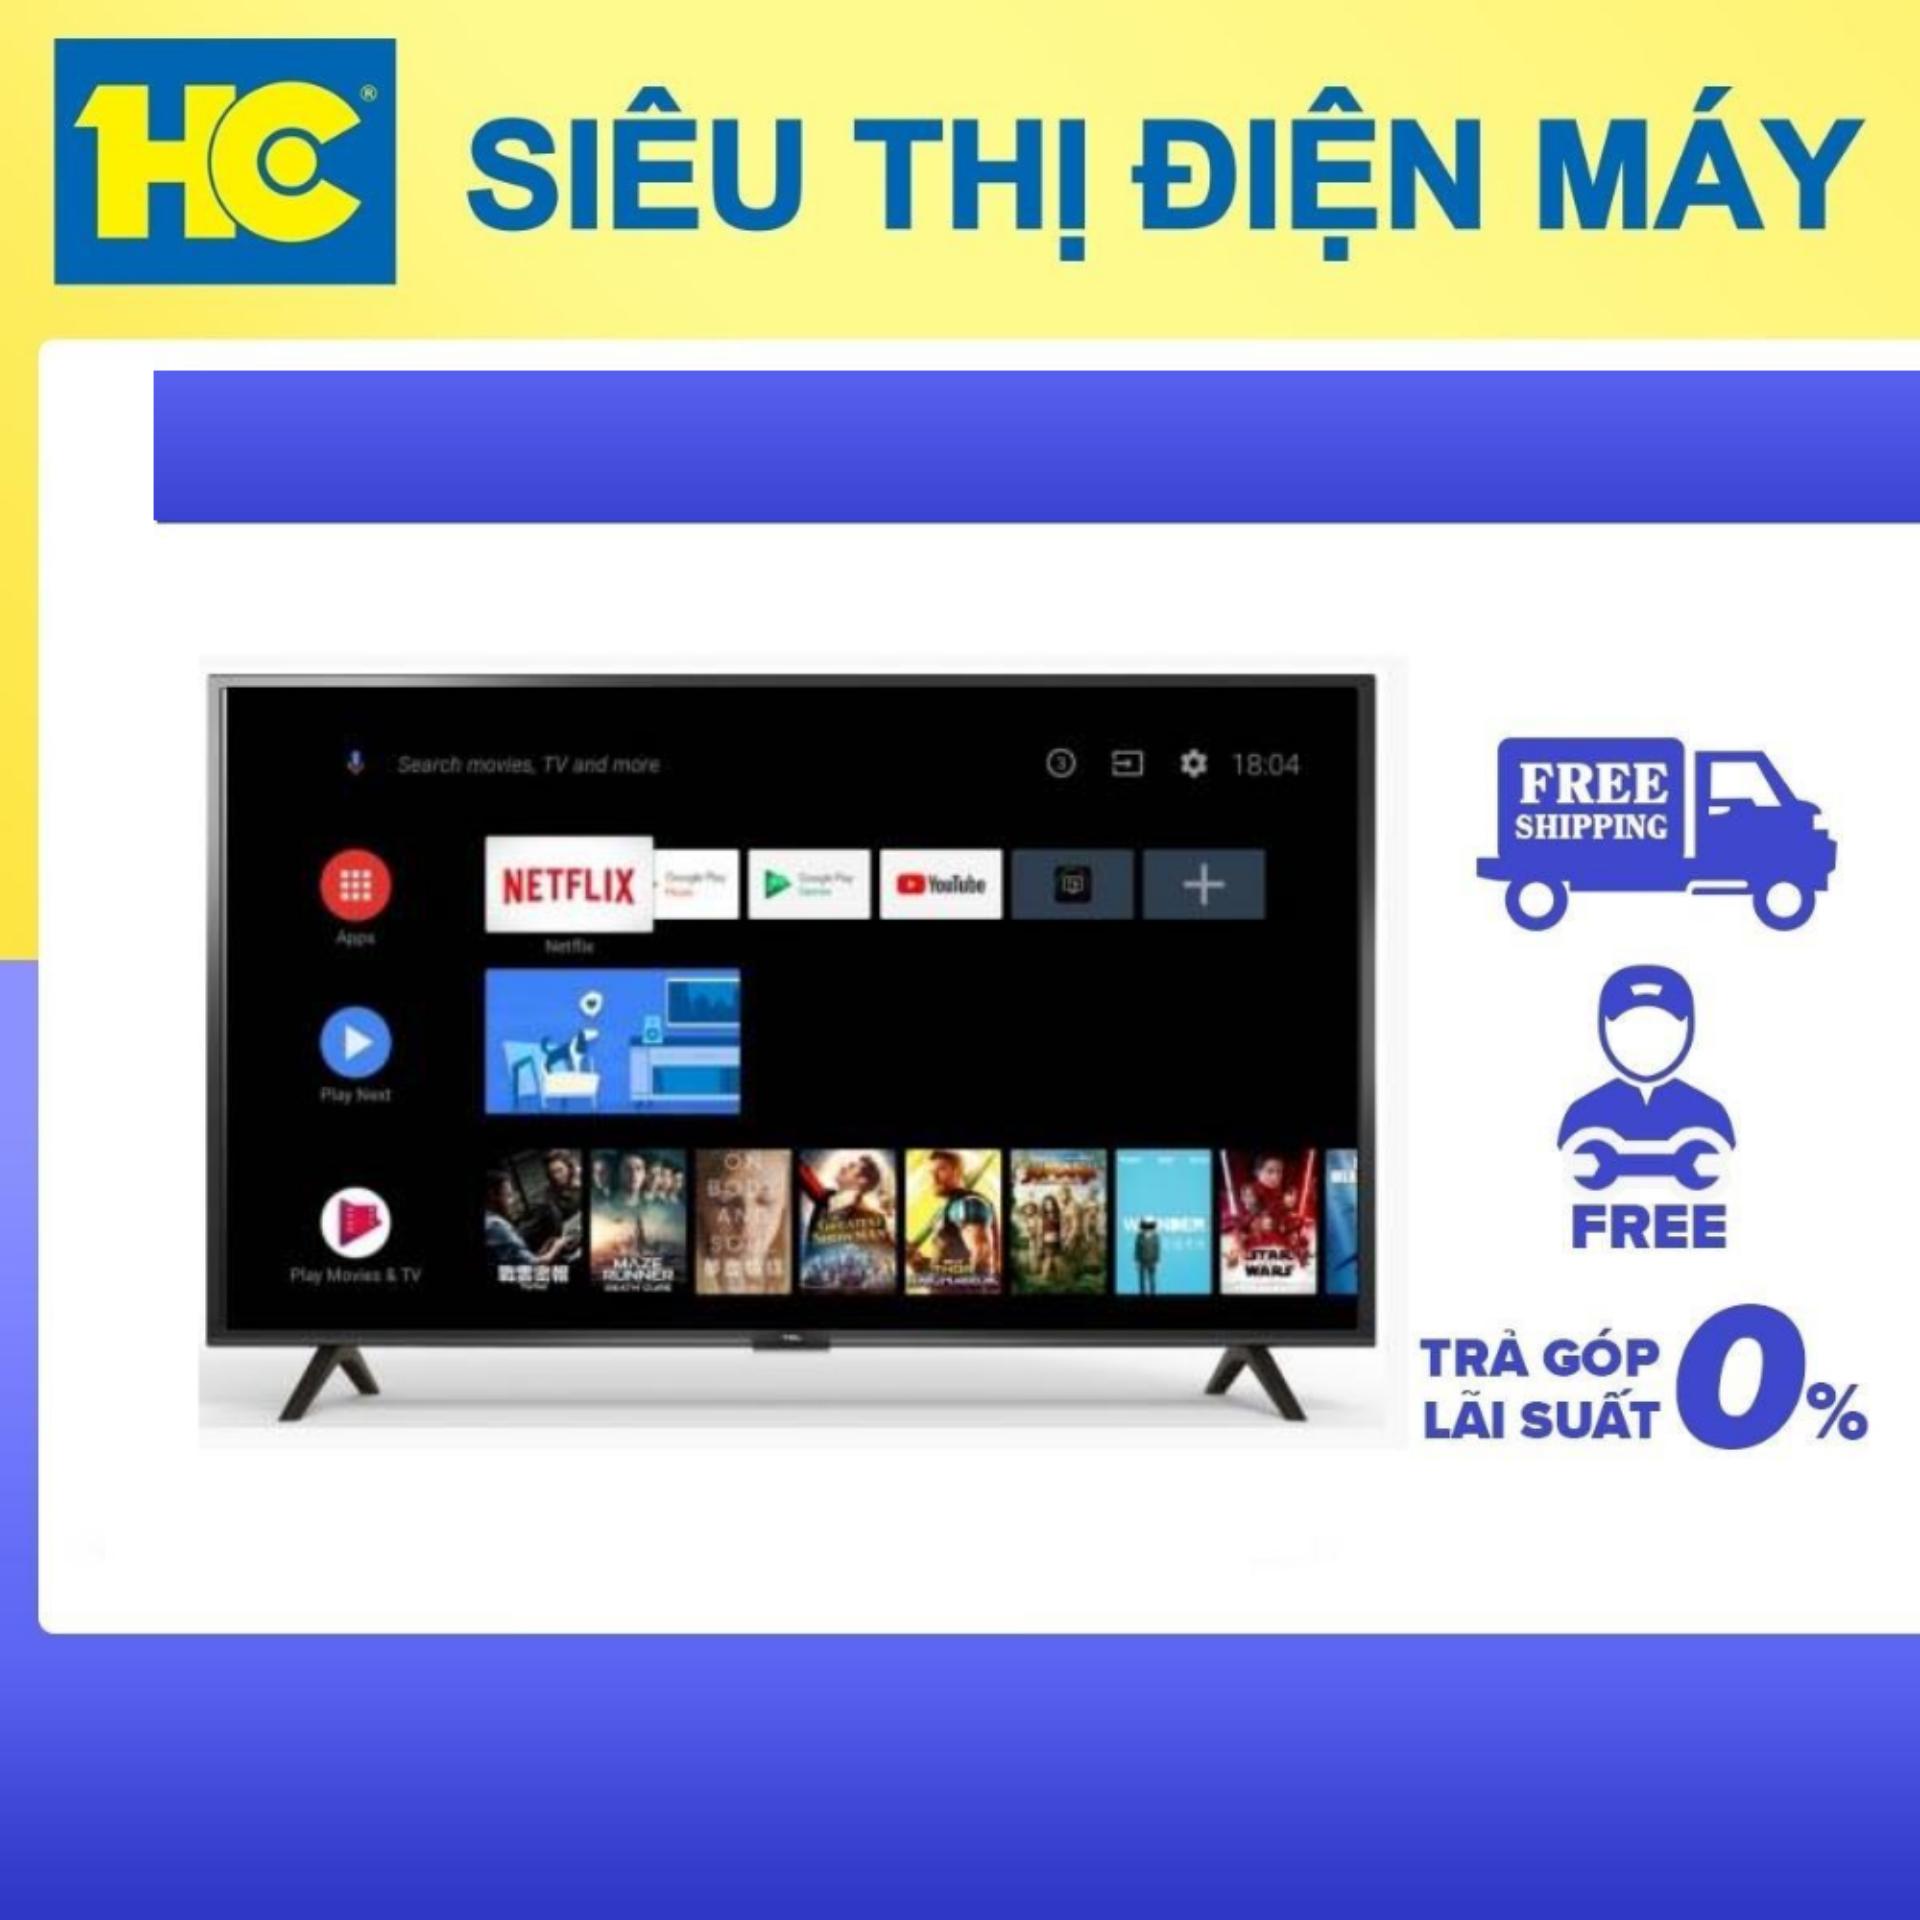 Bảng giá Smart Tivi TCL 32 inch HD L32S6800 - Bảo hành 2 năm - Miễn phí vận chuyển & lắp đặt - hỗ trợ trả góp